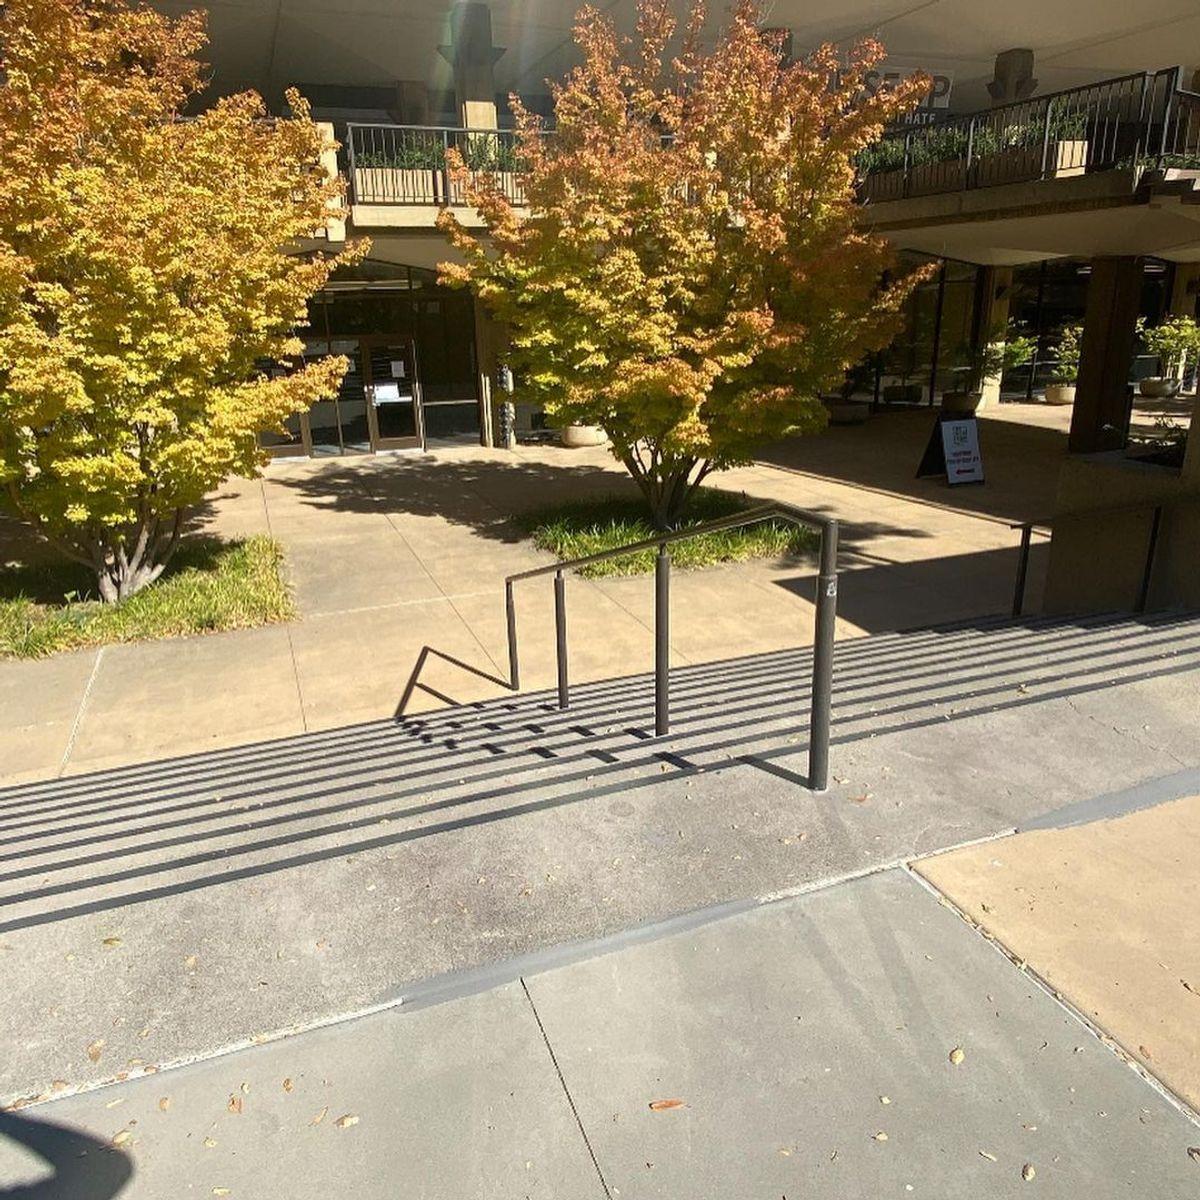 Image for skate spot Stanford University - 10 Stair Rail